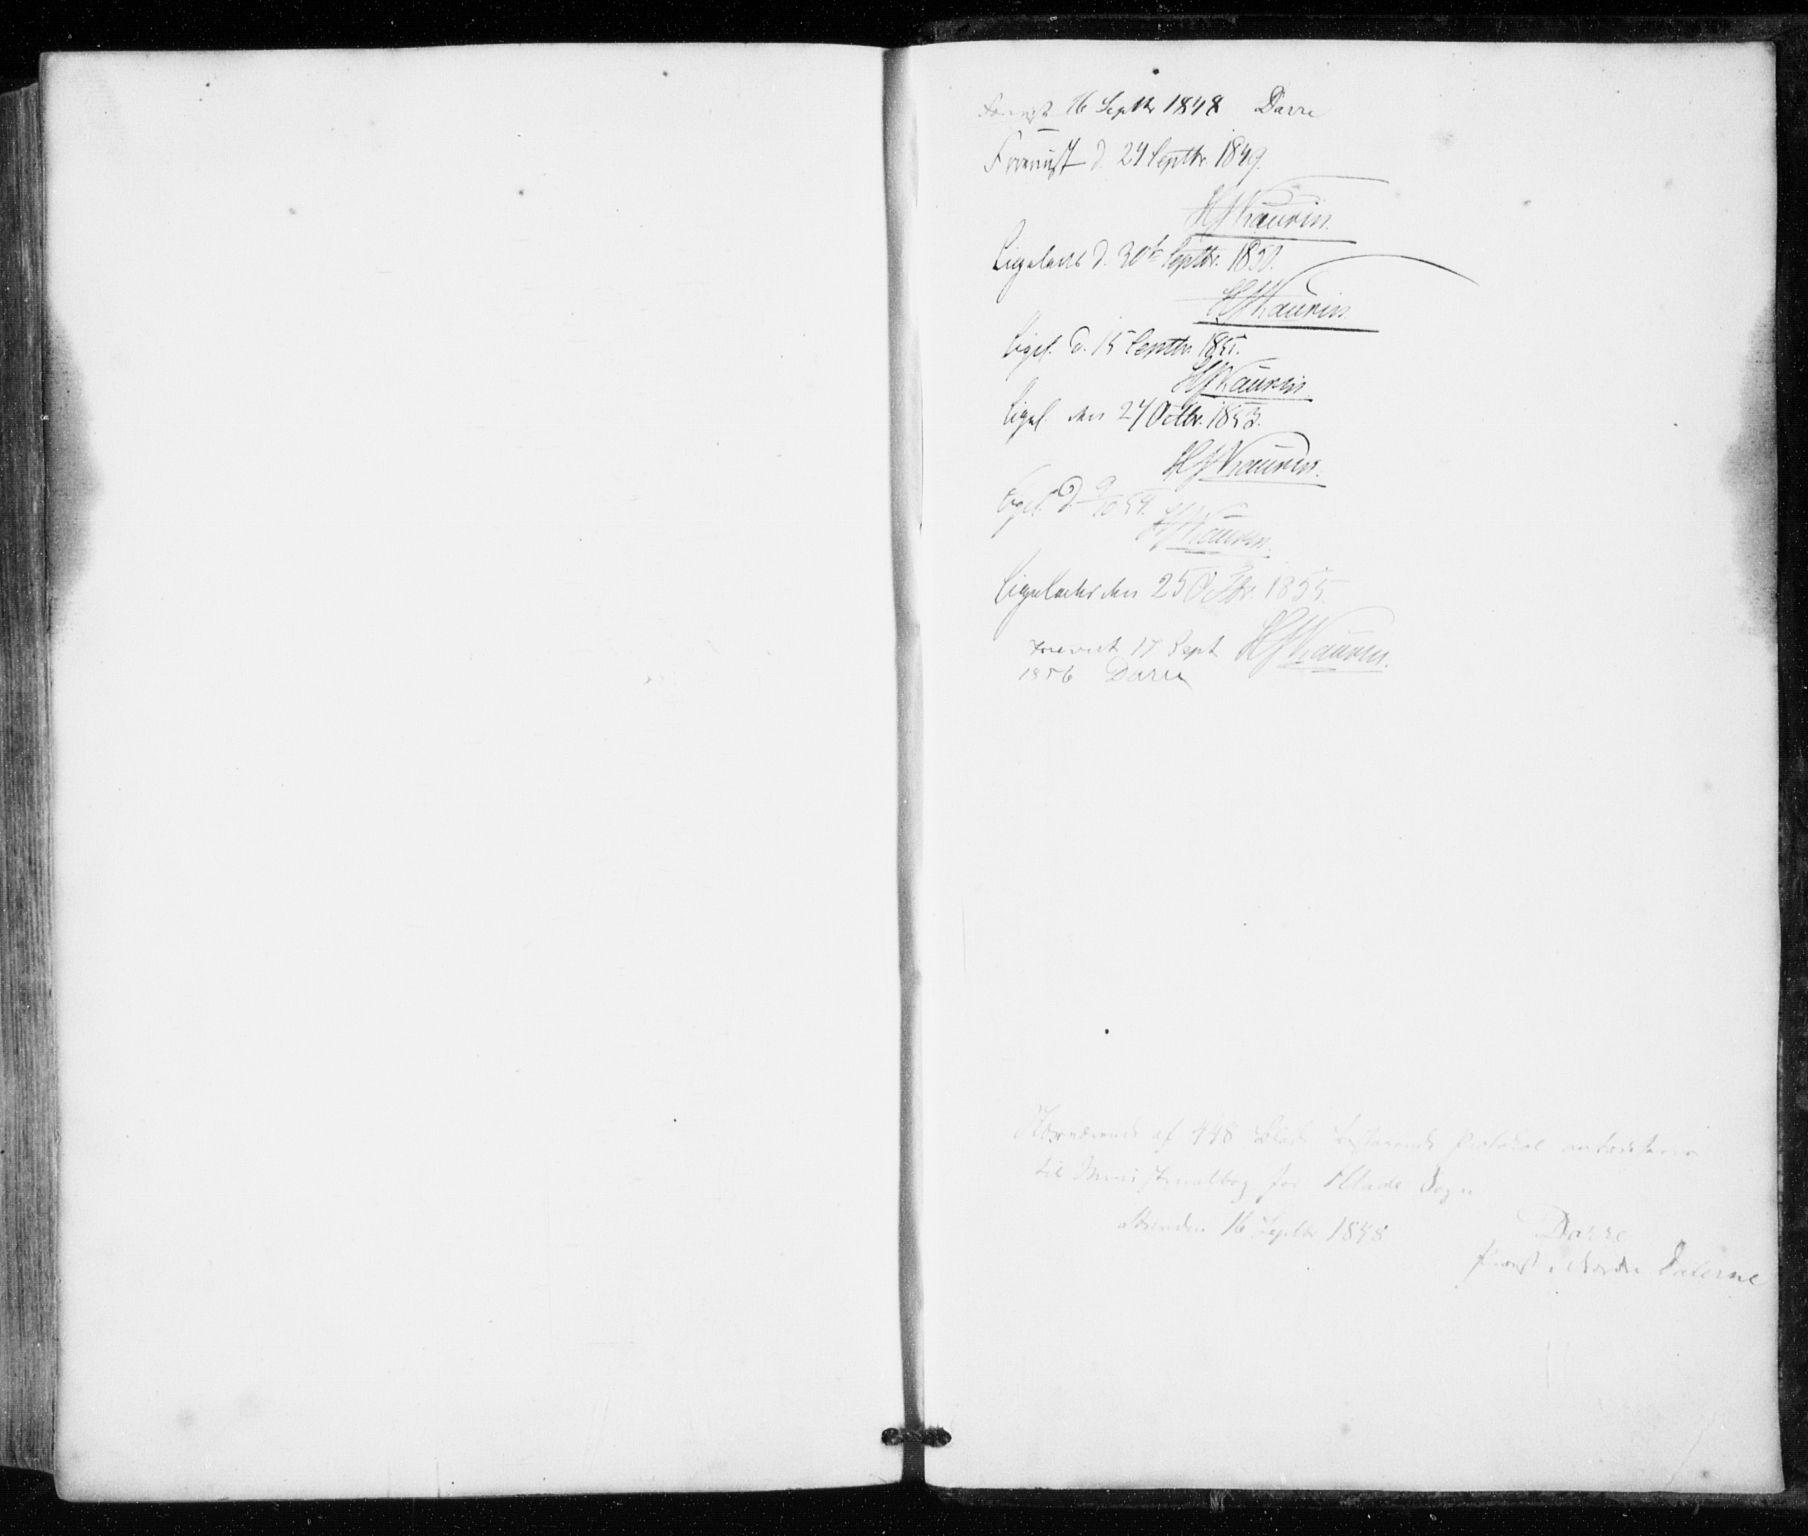 SAT, Ministerialprotokoller, klokkerbøker og fødselsregistre - Sør-Trøndelag, 606/L0291: Ministerialbok nr. 606A06, 1848-1856